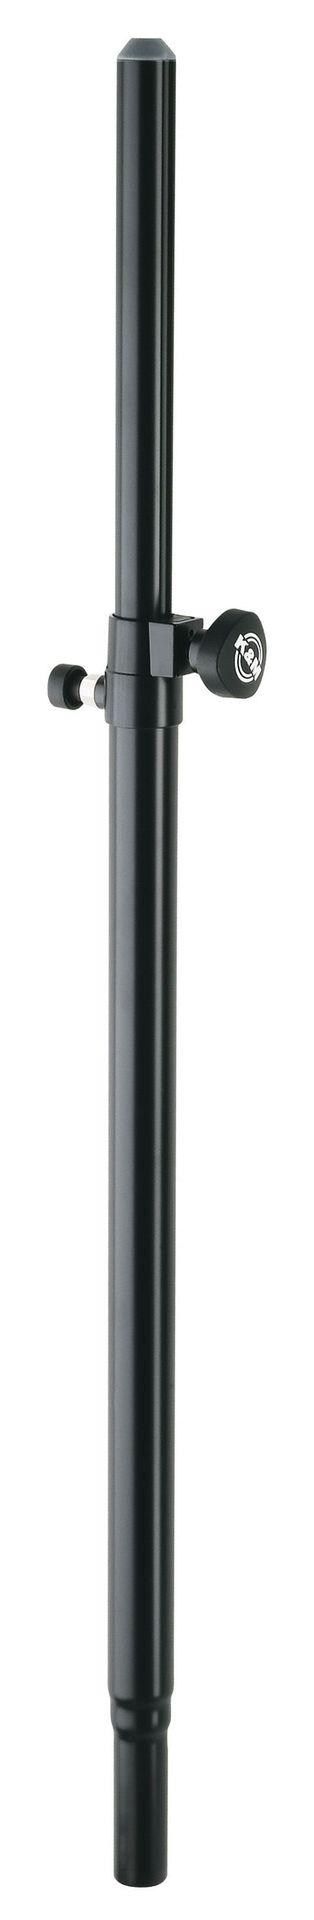 K&M 21336 Distanzrohr  höhenverstellbar